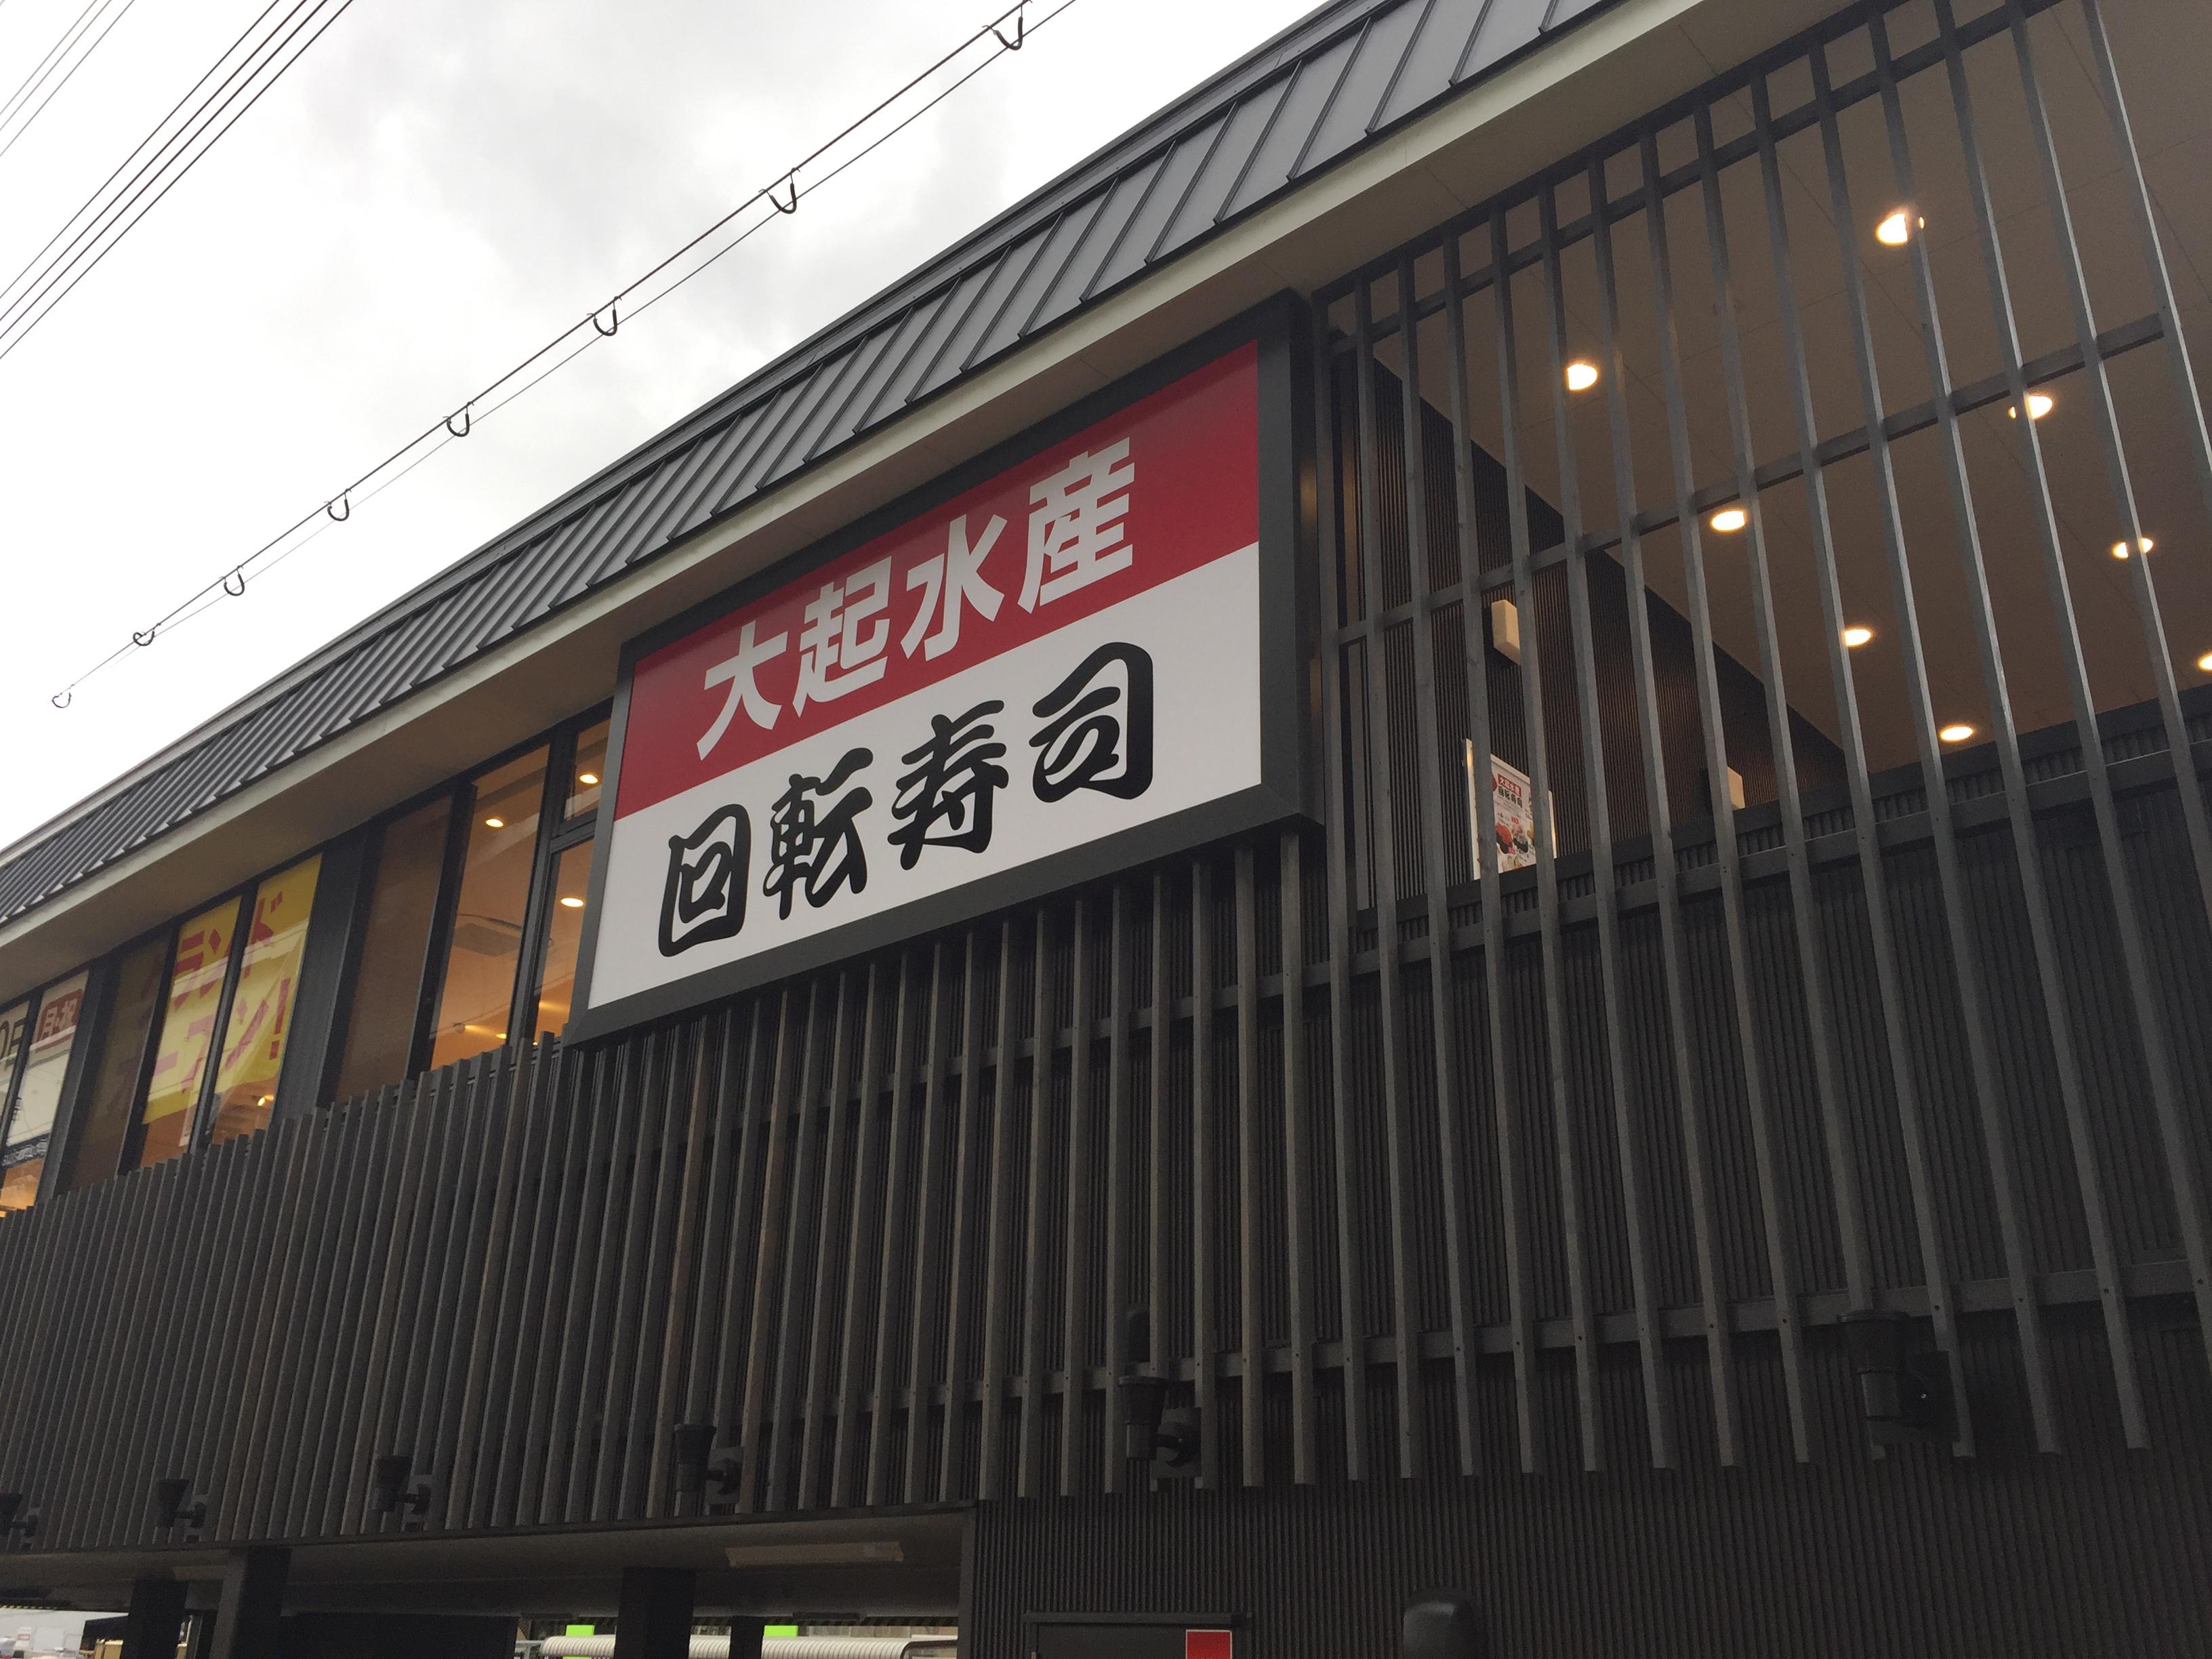 「大起水産回転寿司 神戸魚崎店」が阪神魚崎駅南にオープンしたよ【※鮮度抜群!写真付レポあり※】